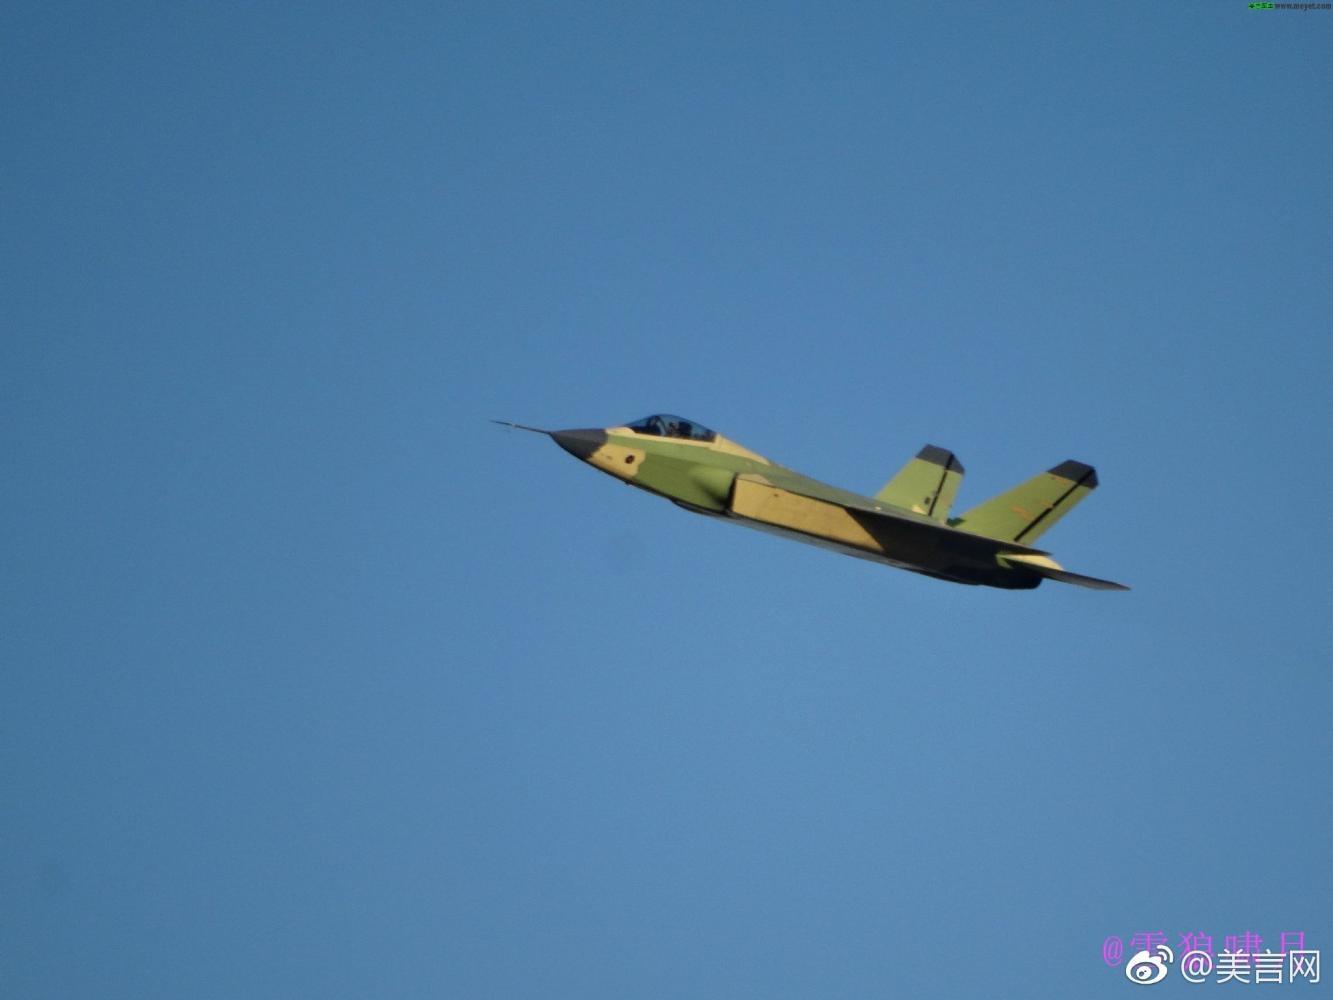 土耳其公布国产五代机最新信息外形抄袭F22指标类似歼31